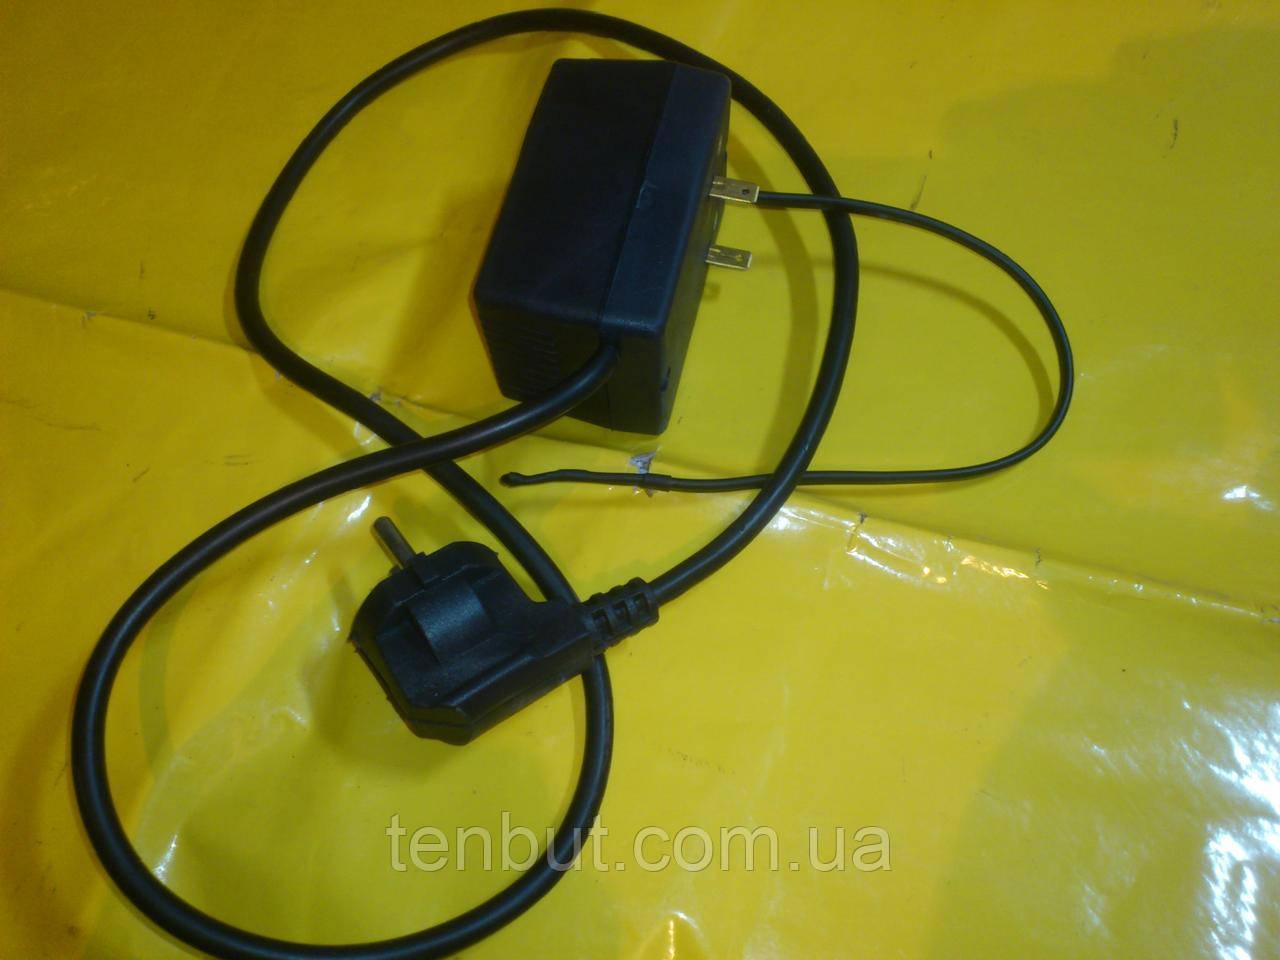 Цифровой терморегулятор для ТЭНов 5.0 кВт. / 220 В. С аварийным звуковым сигналом . Далас .